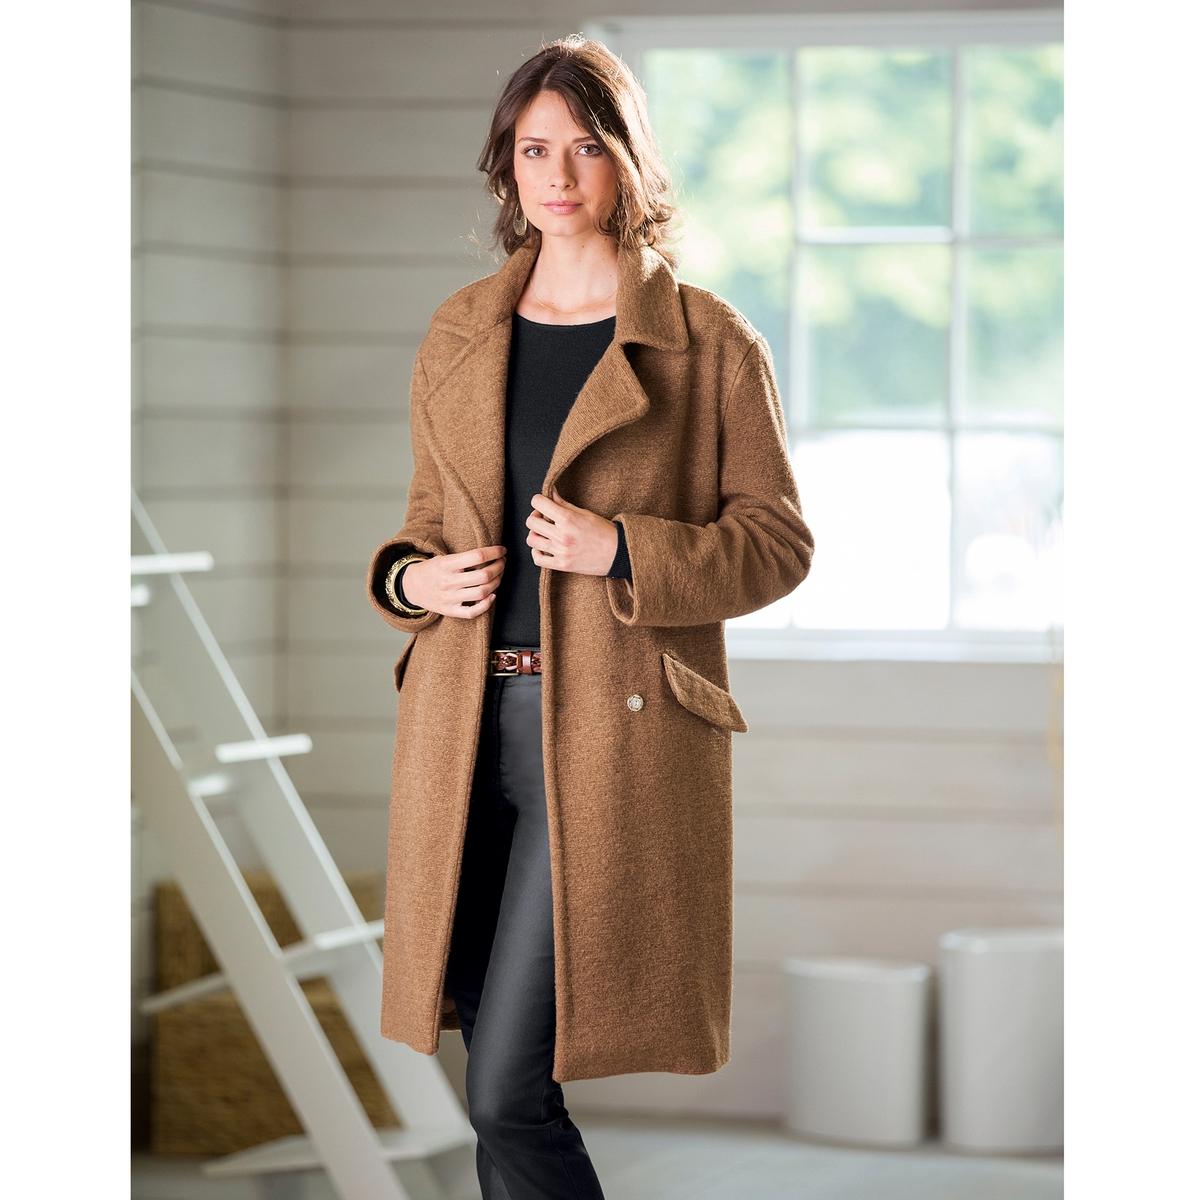 Пальто из буклированного трикотажаПальто: очень модный широкий покрой, оригинальный буклированный трикотаж. Застежка на пуговицы и кнопки. 2 кармана с клапанами. Полностью на подкладке из полиэстера. Длина ок. 96 см. Драп: 40% шерсти, 40% акрила, 20% полиэстера.<br><br>Цвет: темно-бежевый<br>Размер: 50 (FR) - 56 (RUS)